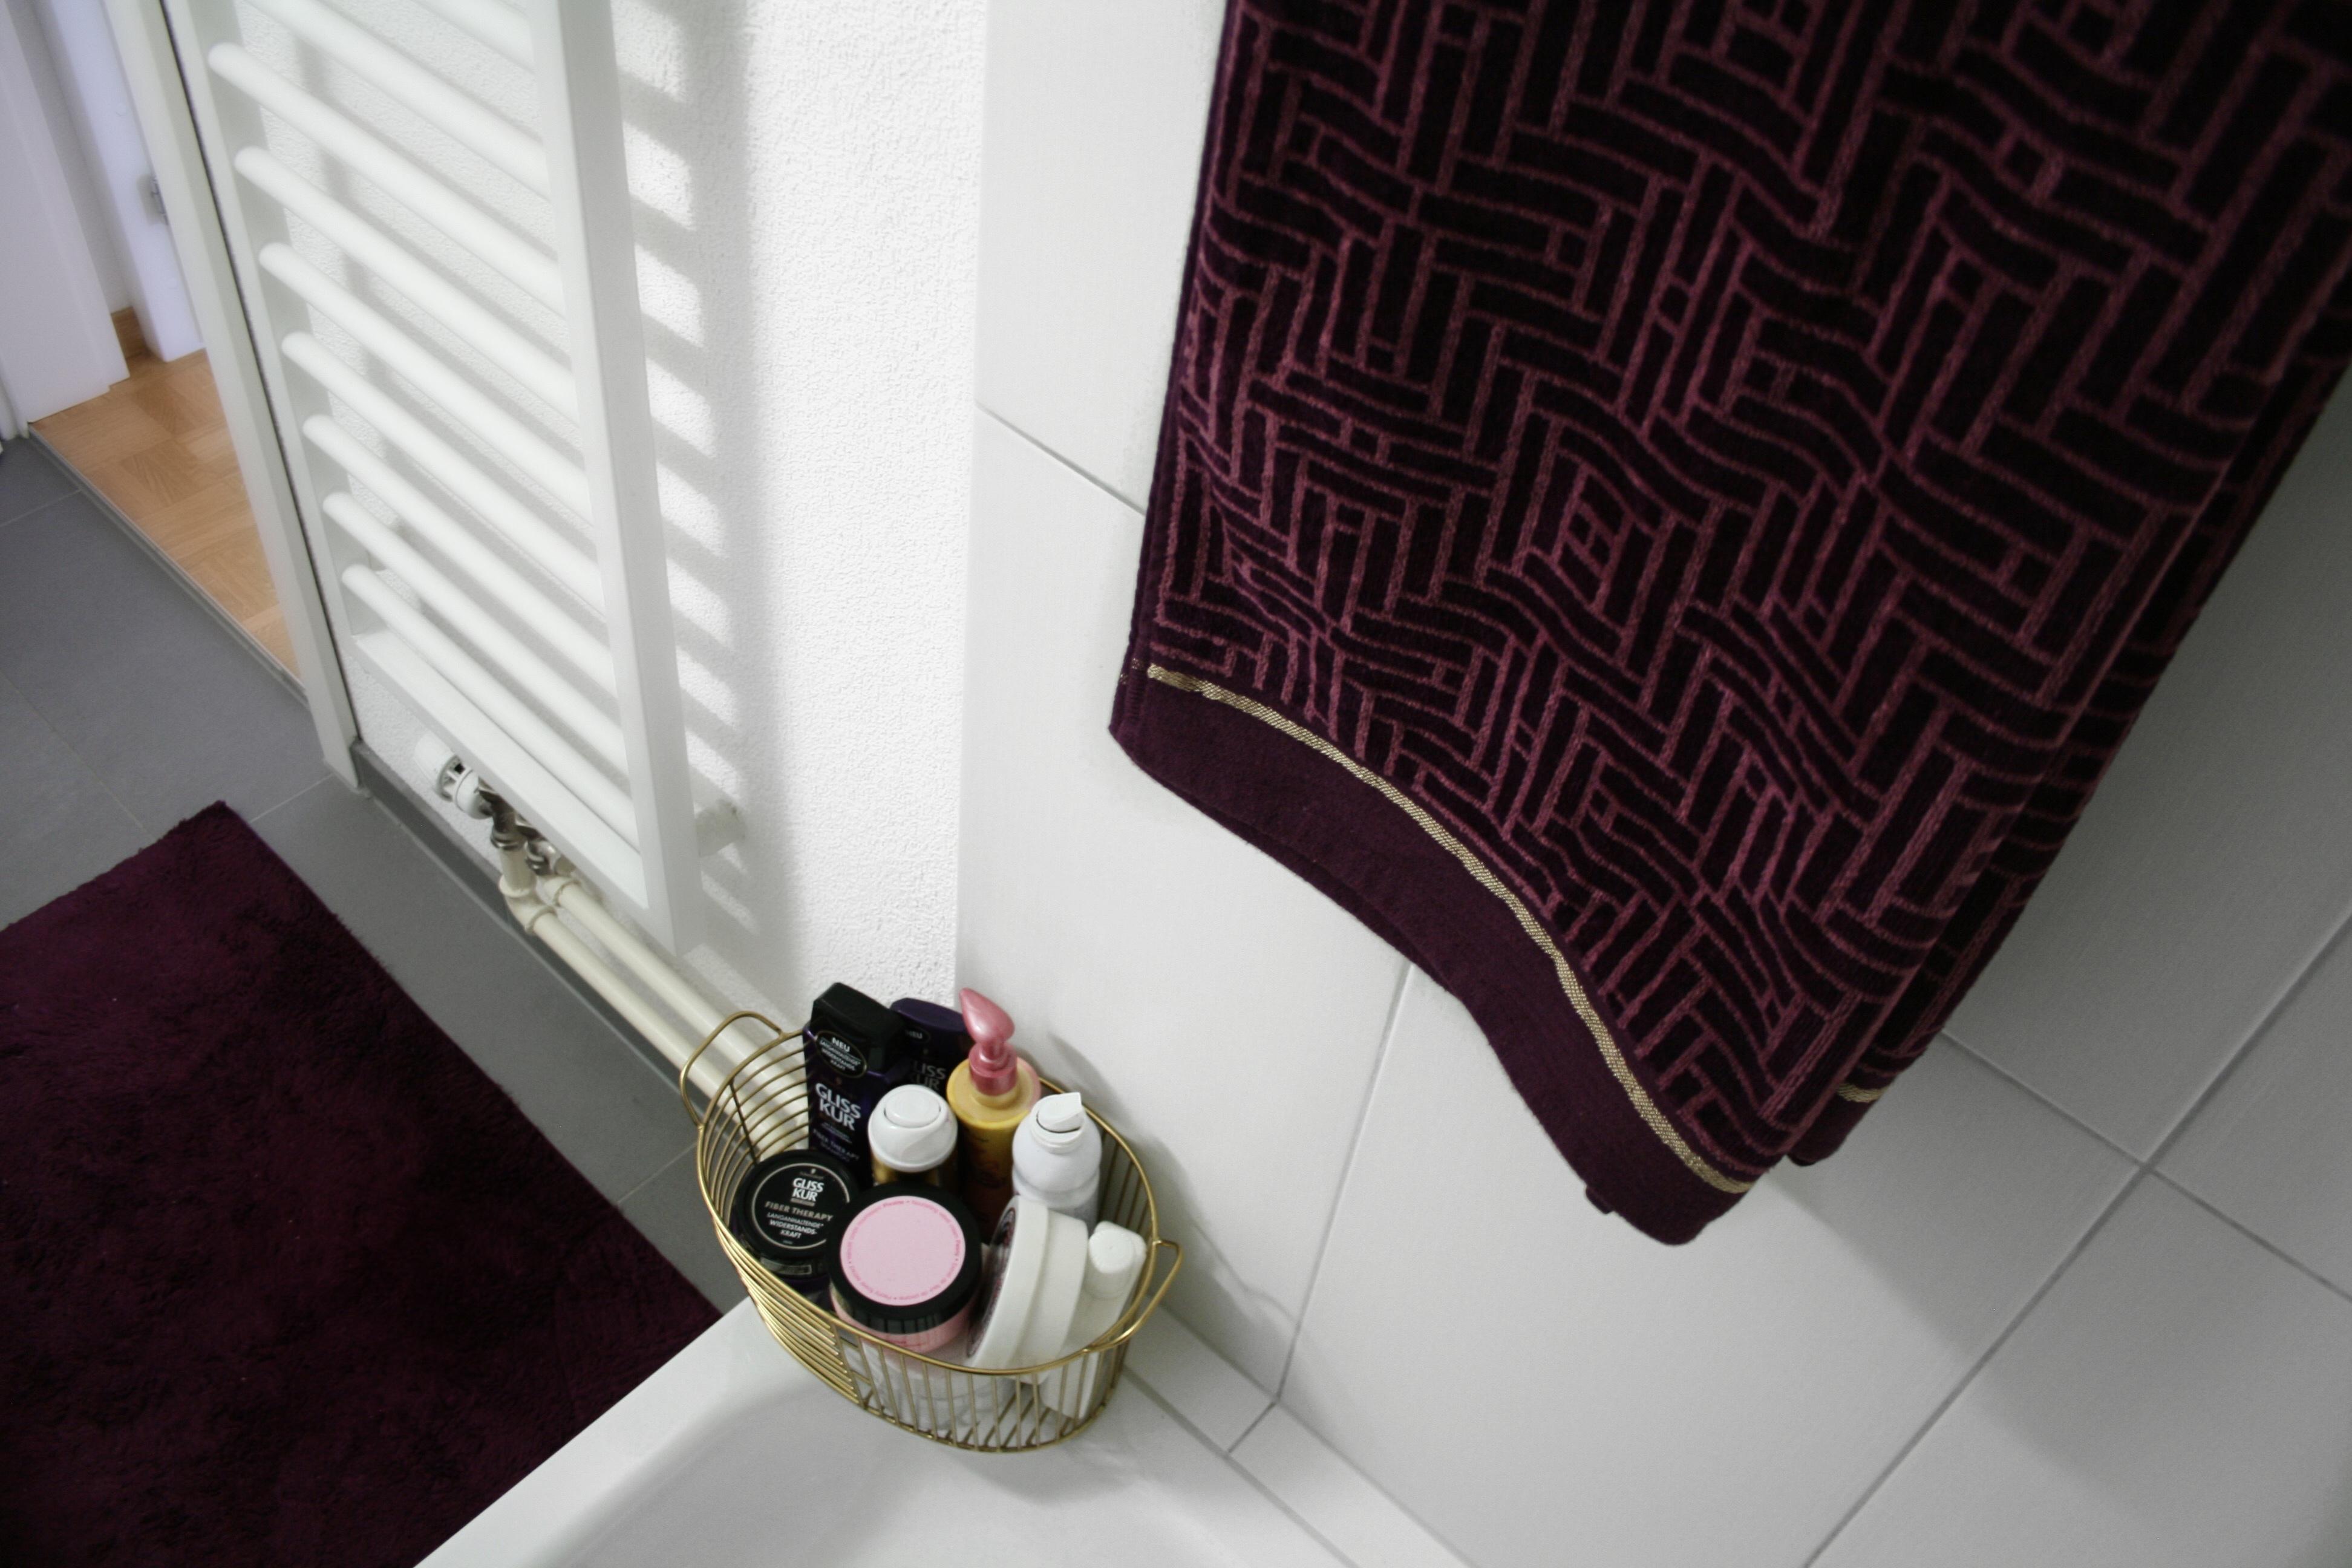 Superbe So Voilà, Das Wäre Nun Mein Neues Badezimer! Wie Gefällt Es Euch? Ich Würde  Mich über Einen Kommentar Von Euch Sehr Freuen. Ich Hoffe Ich Konnte Euch  Mit ...